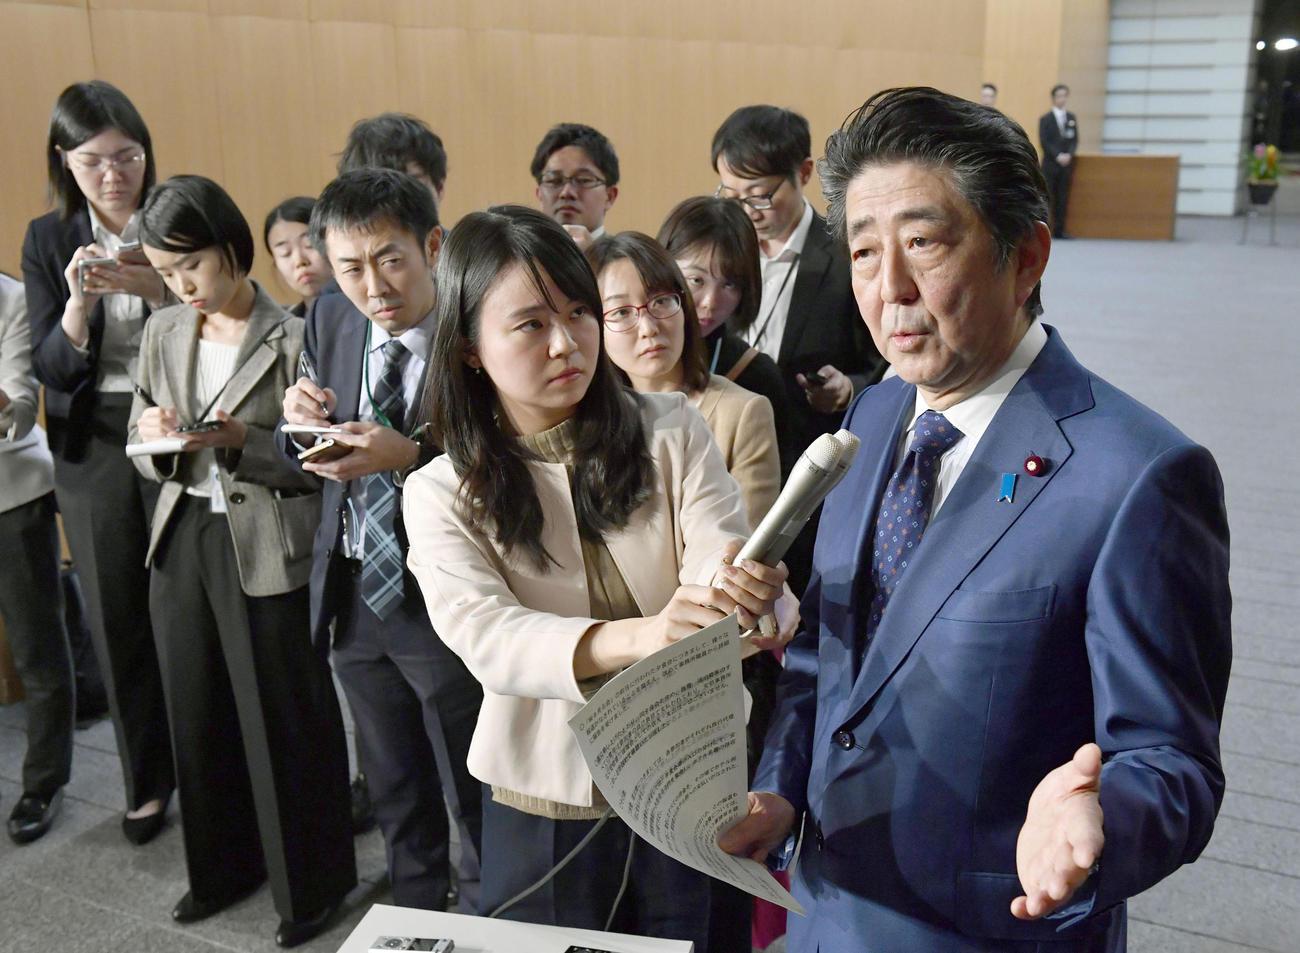 19年11月、「桜を見る会」を巡り、記者団の質問に答える安倍首相(当時)(共同)